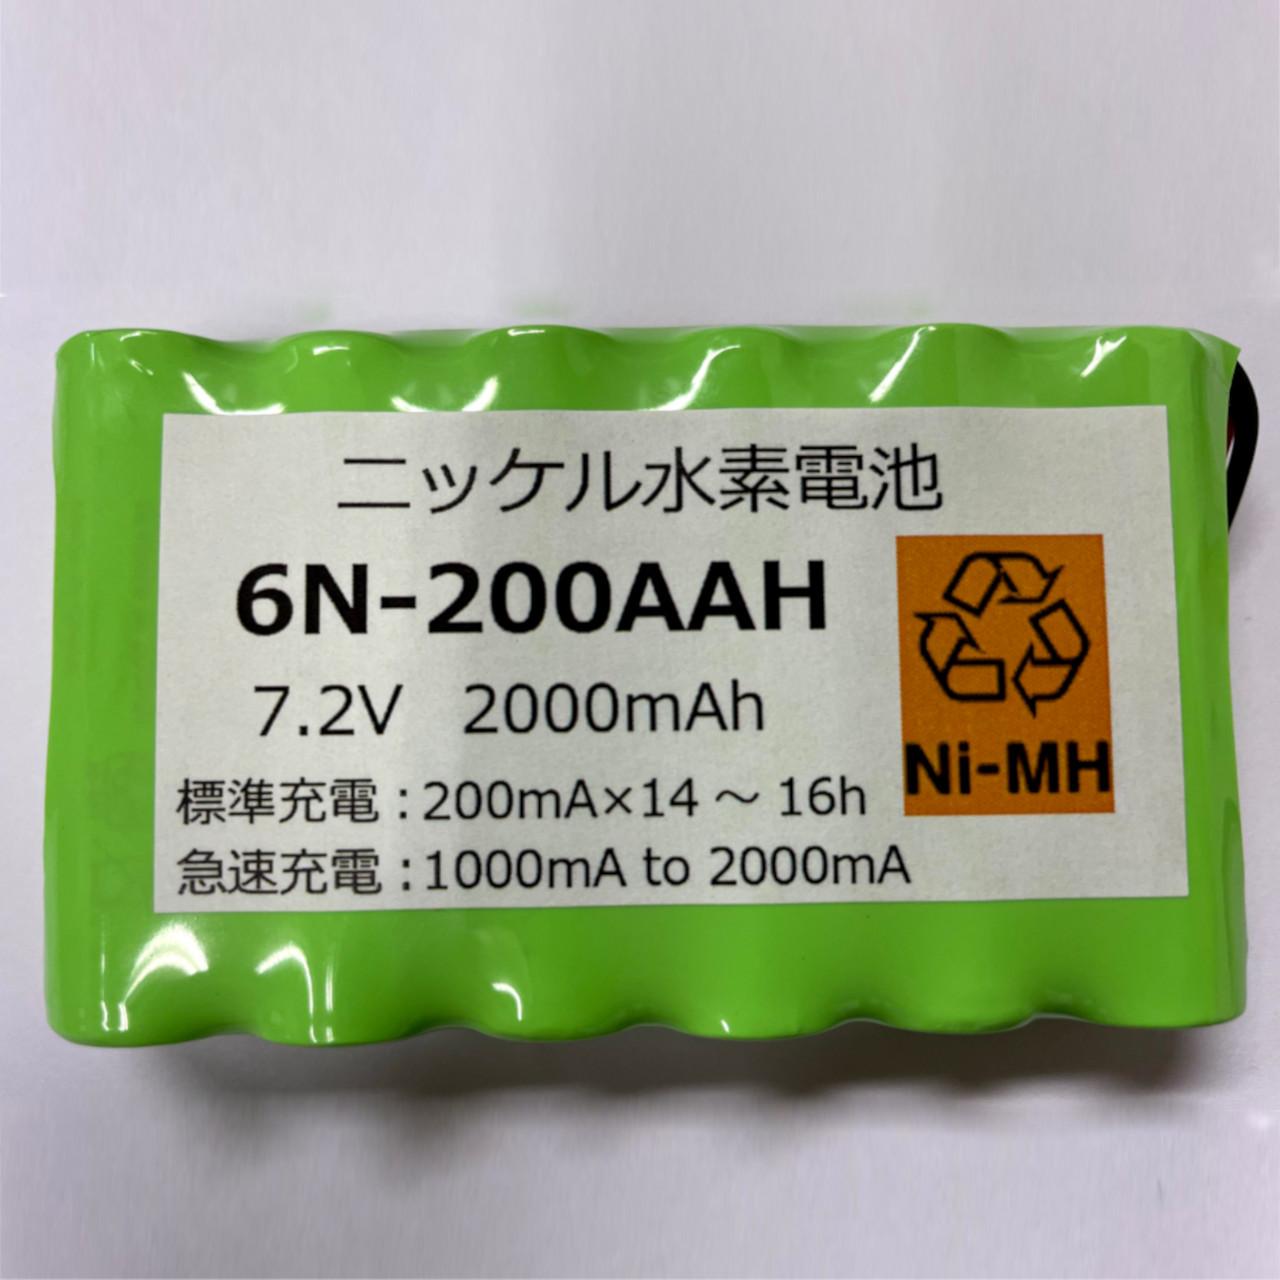 6N-200AAH.jpg